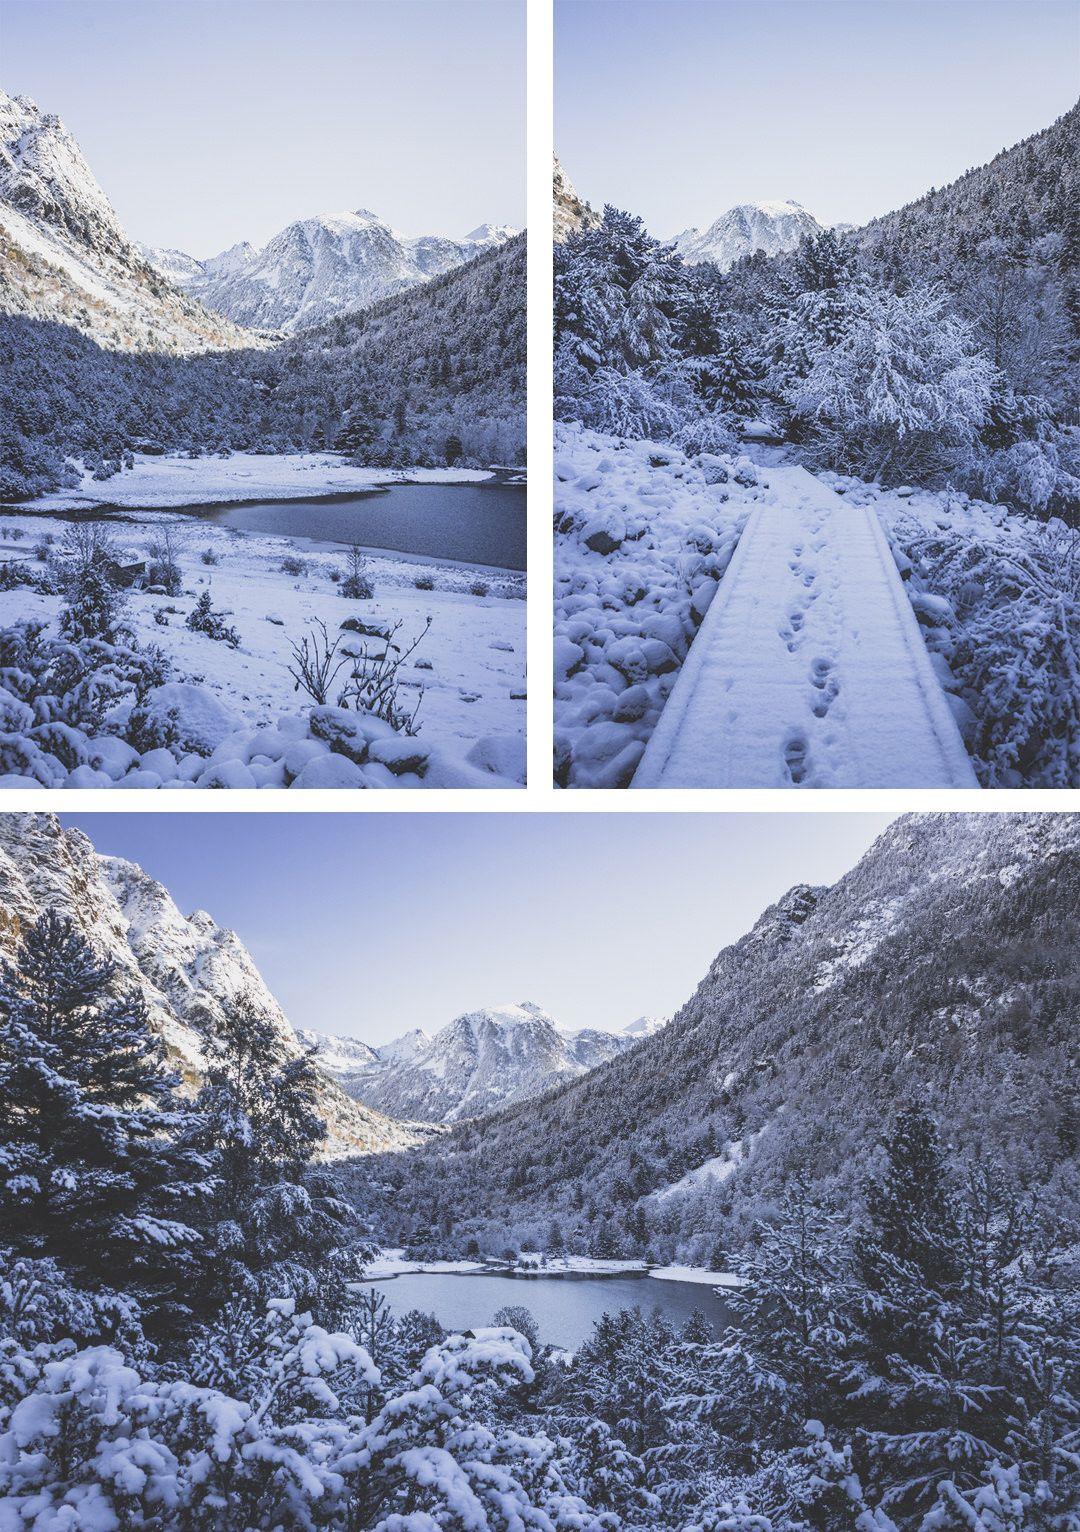 Espagne • Catalogne • Pyrénées • Randonnées au Parc Nacional d'Aigüestortes i Estany de Sant Maurici • Randonnée côté Boì et le lac Llebreta